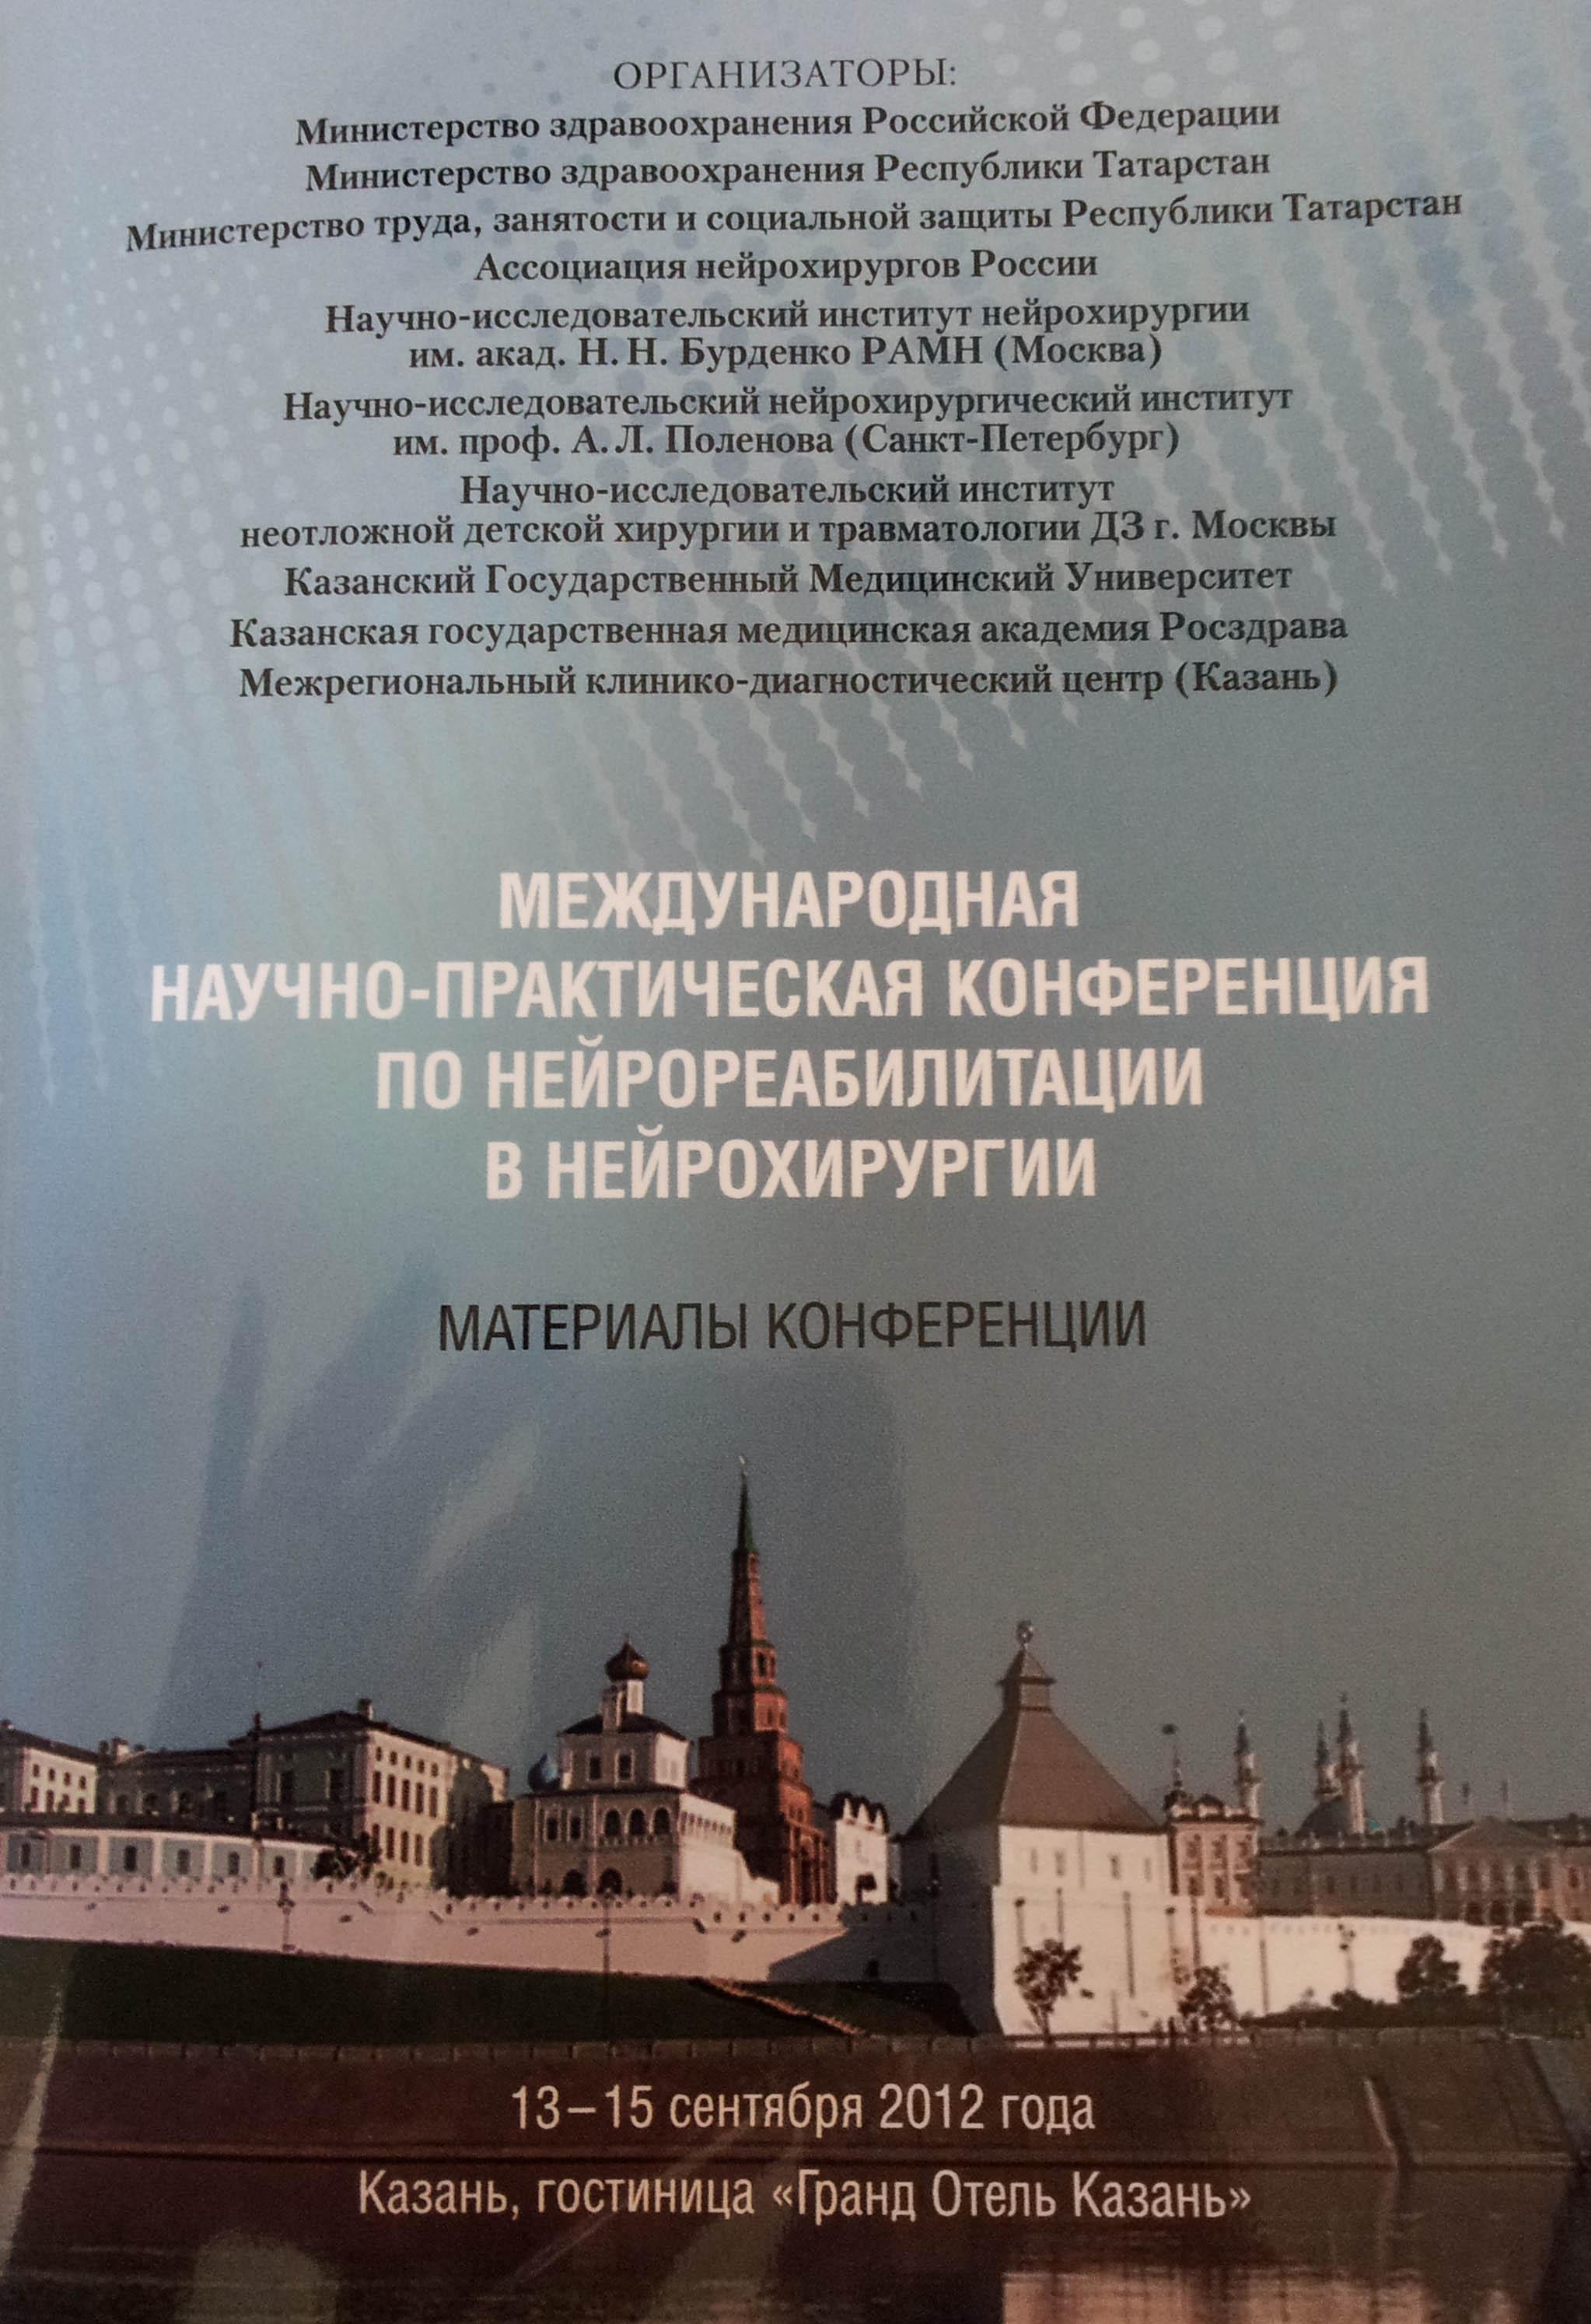 Международная научно–практическая конференция по нейрореабилитации в нейрохирургии: материалы конференции